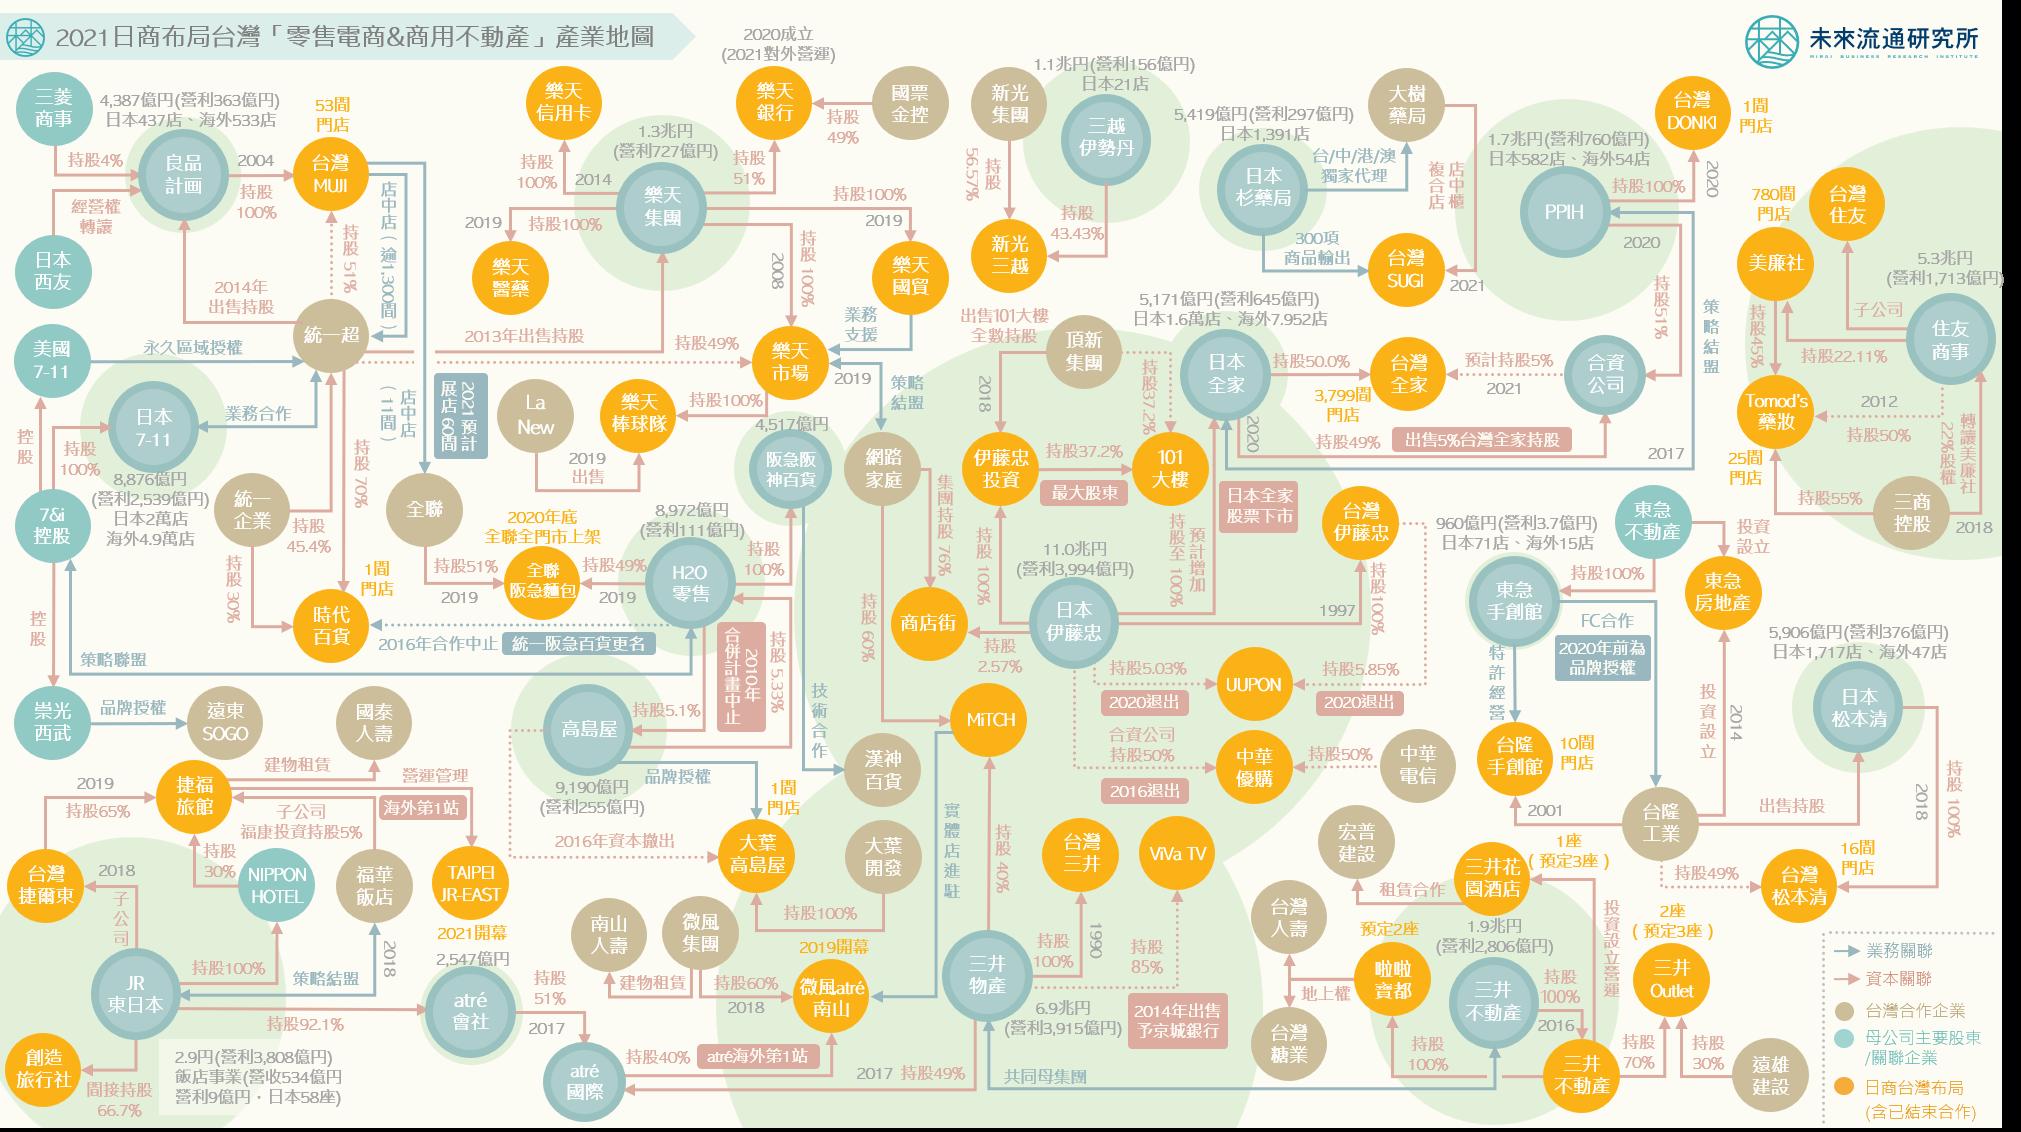 2021【產業地圖圖解】一張圖看懂日商對台「零售電商&商用不動產業」策略布局